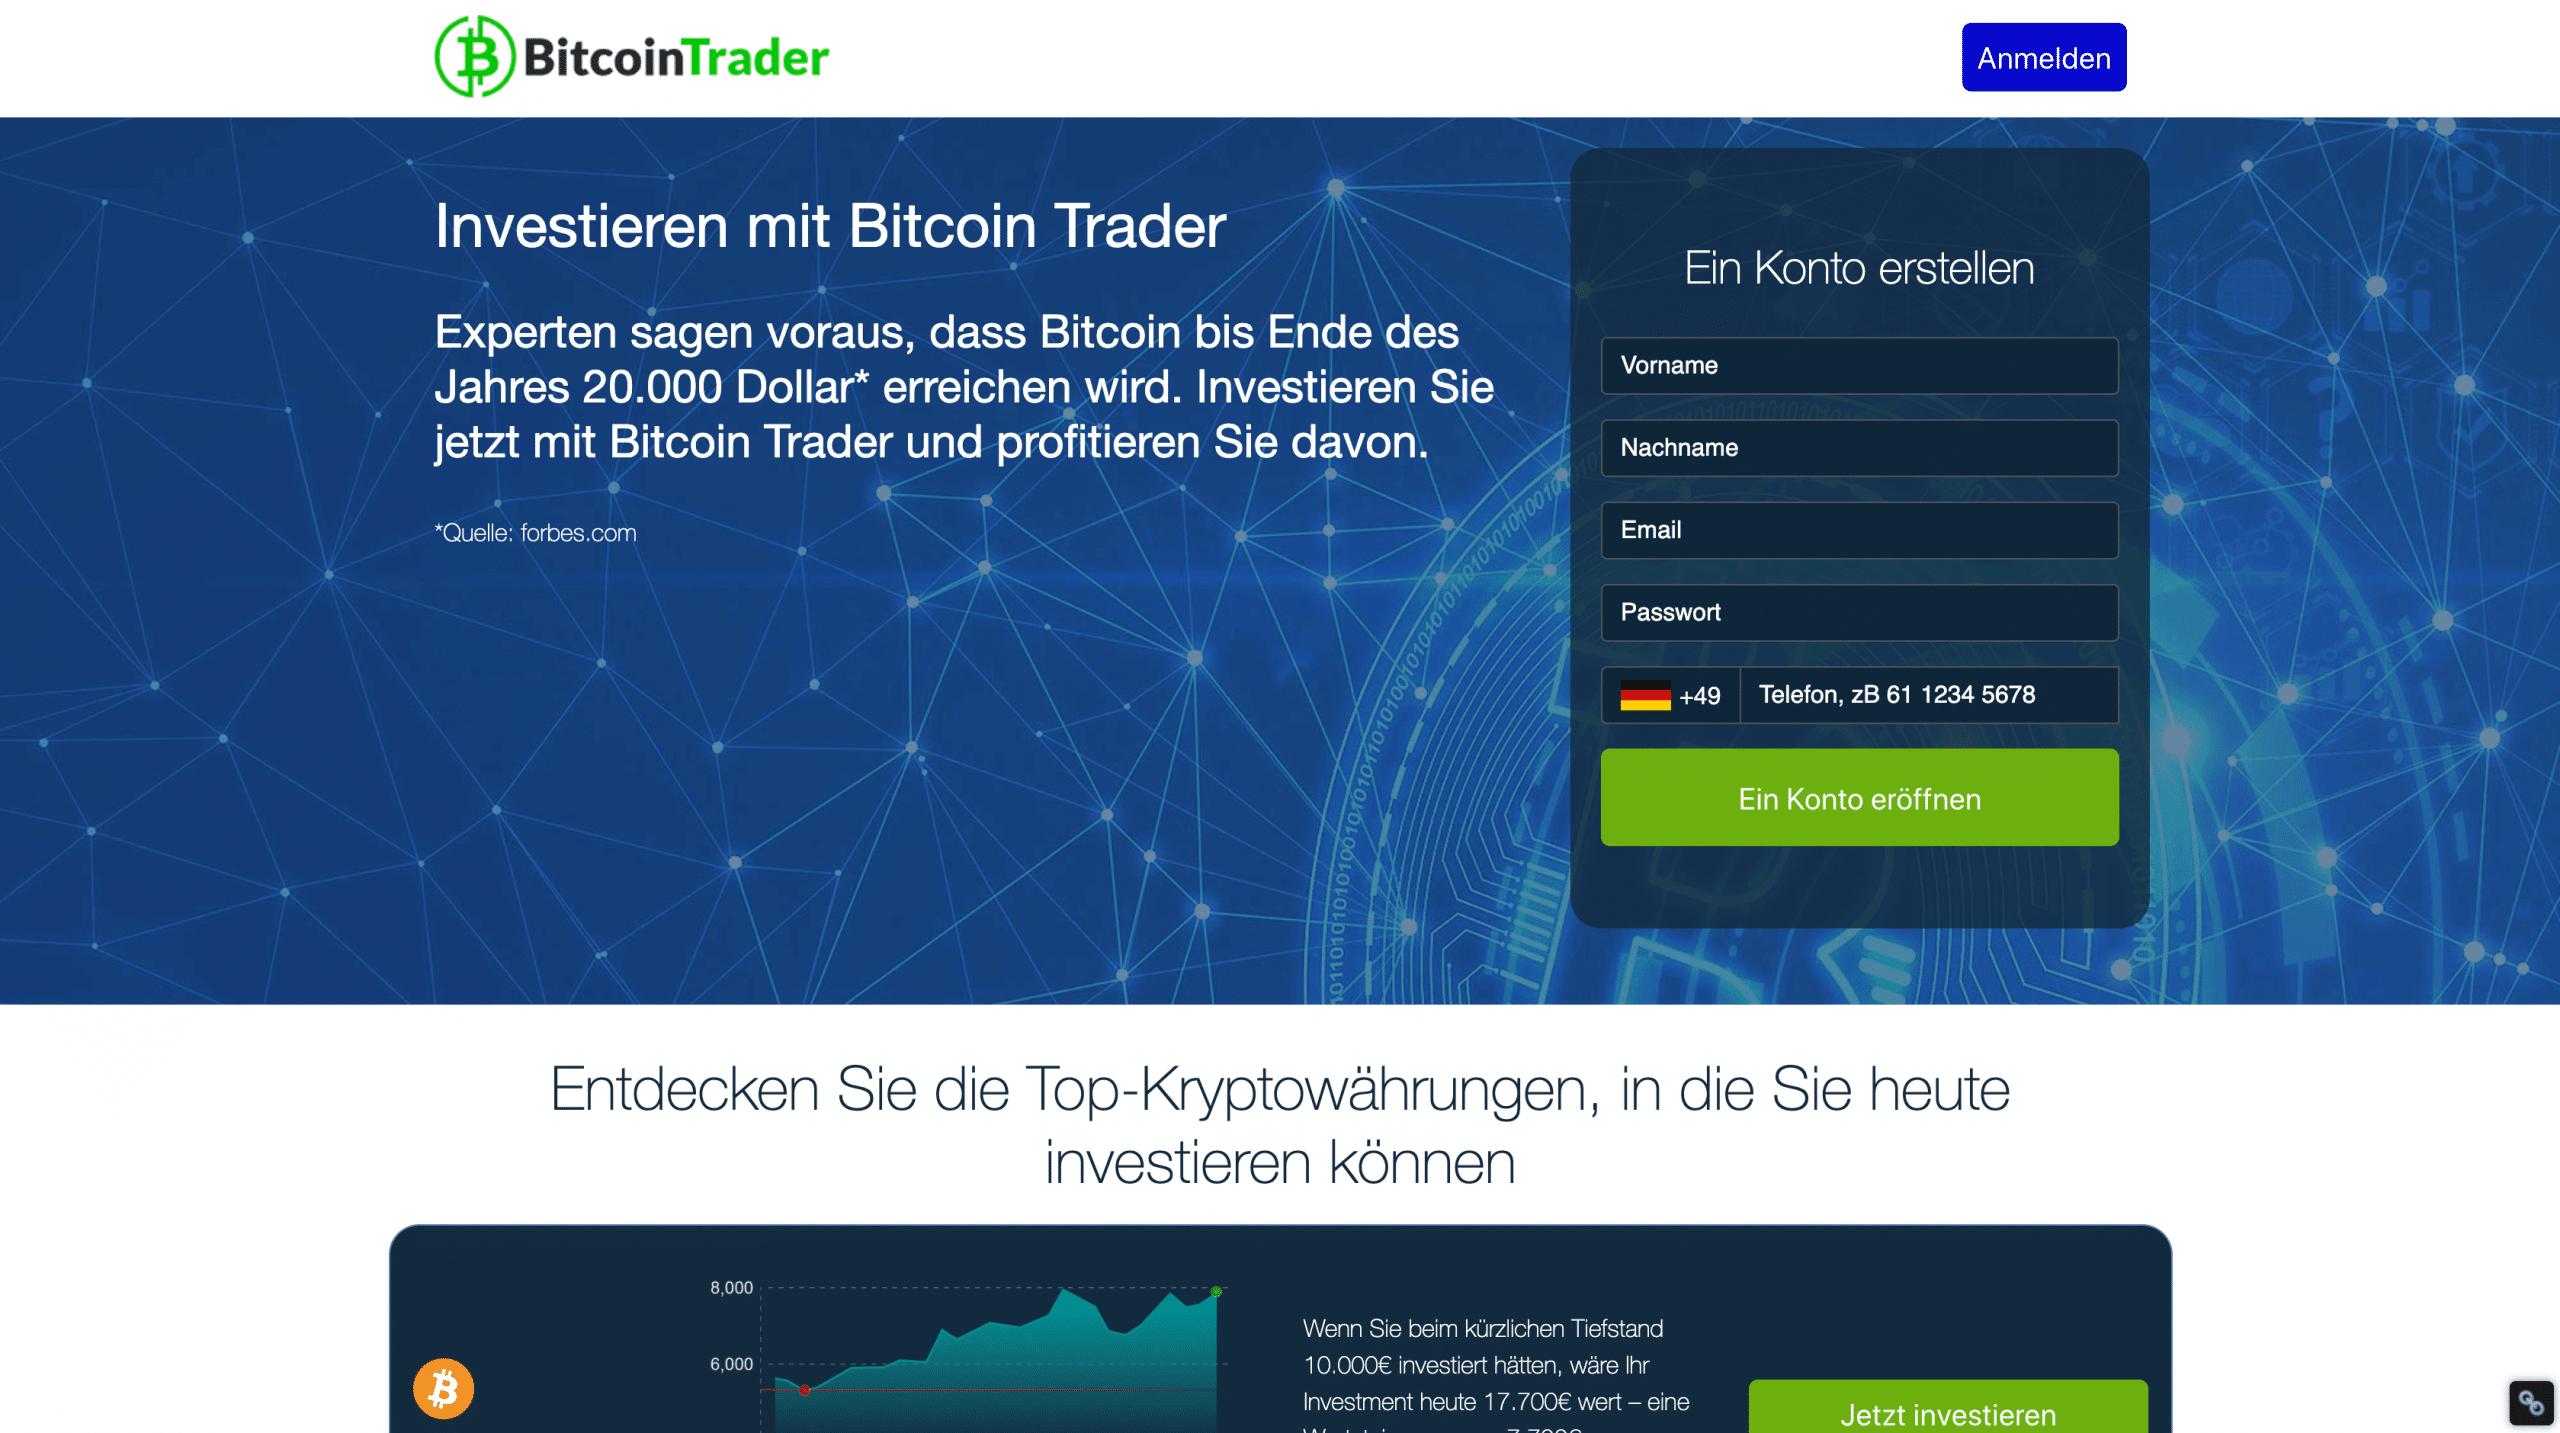 Bitcoin Trader Anmeldung